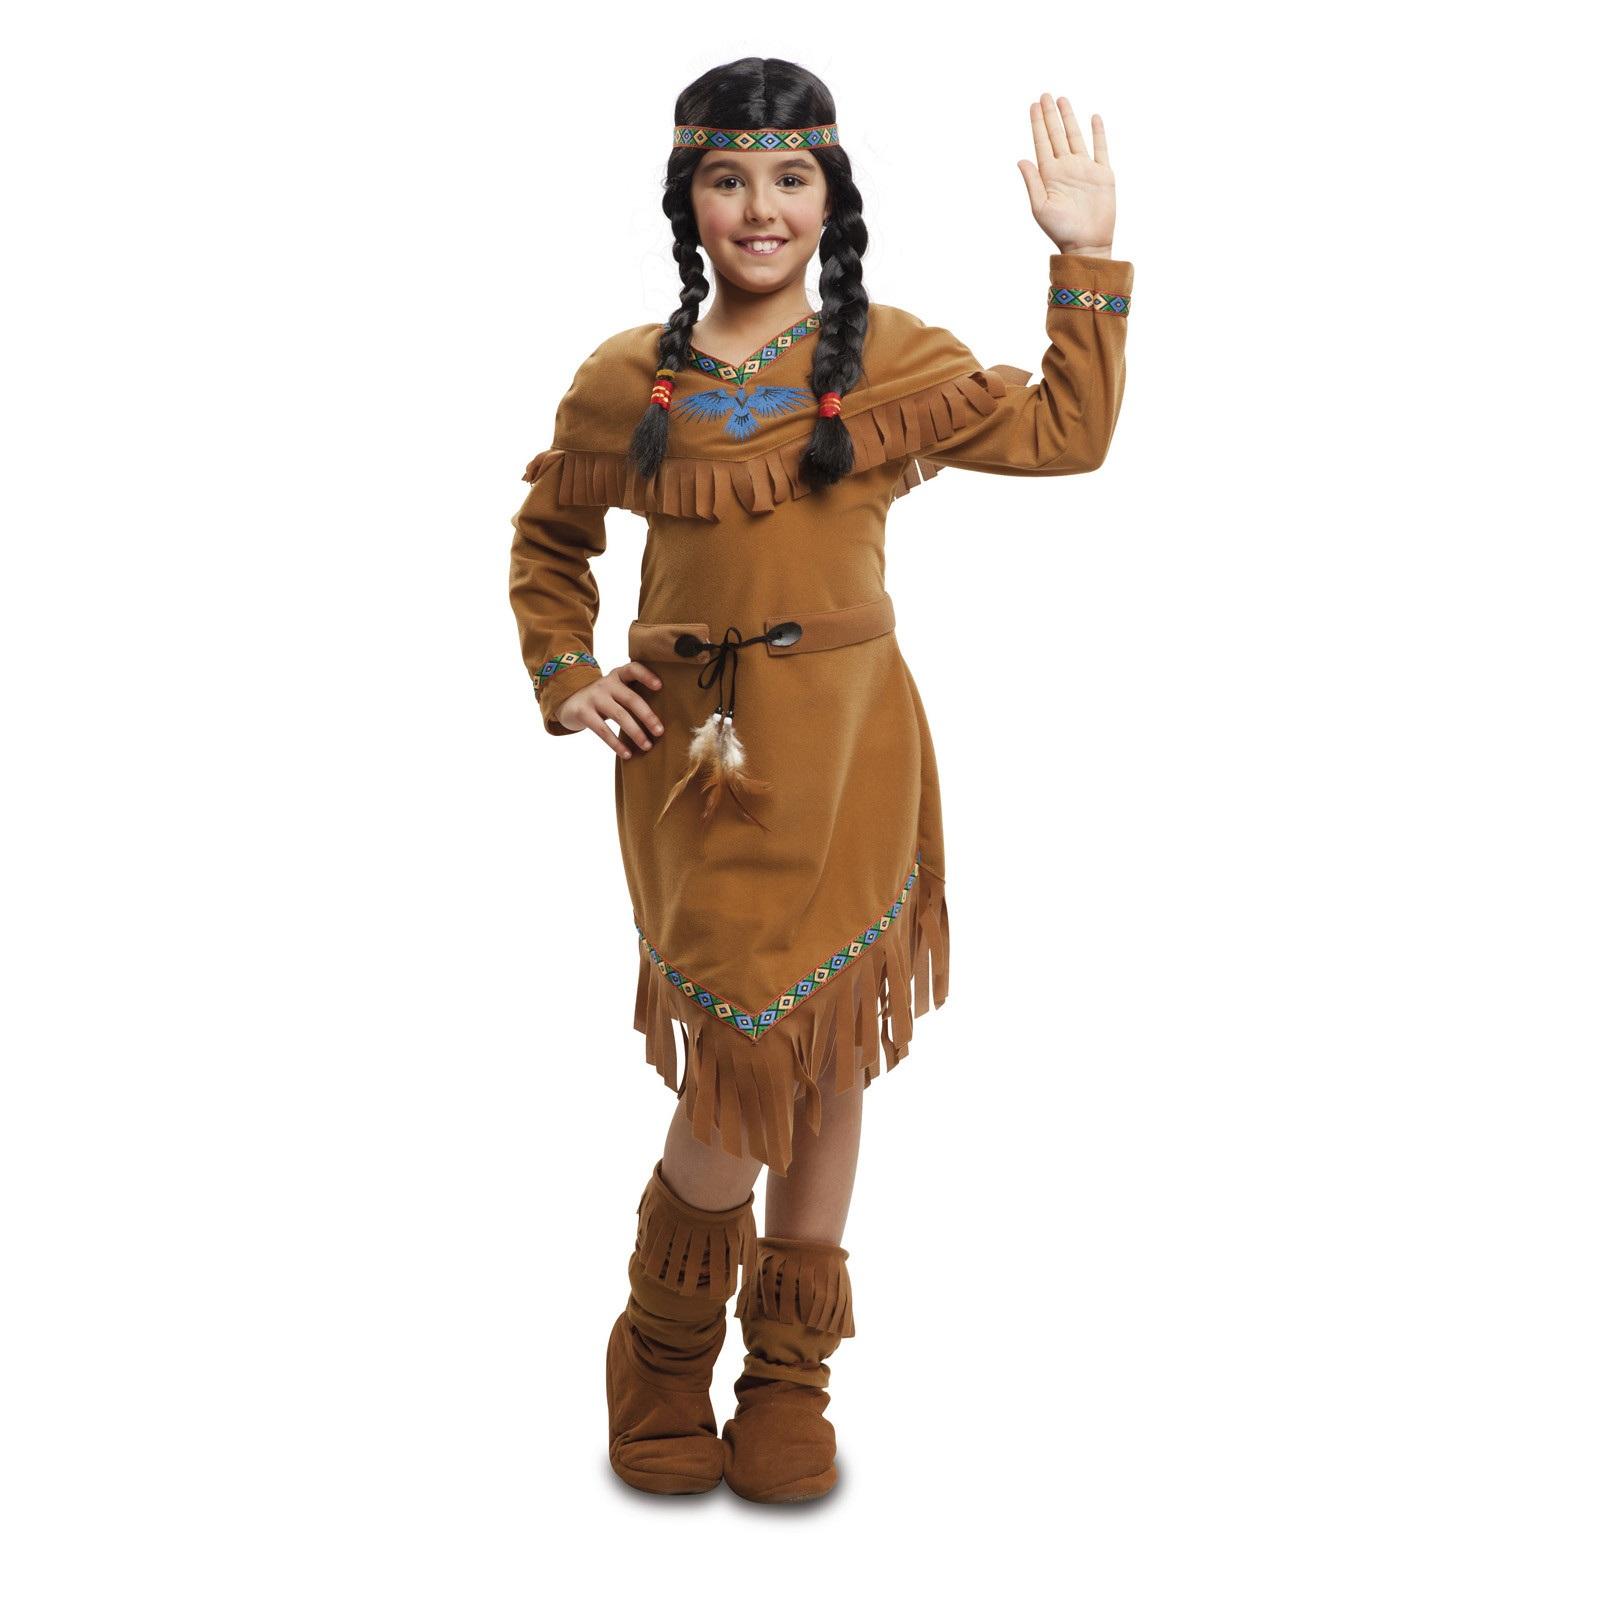 disfraz india marrón niña 203389mom - DISFRAZ DE INDIA MARRON NIÑA